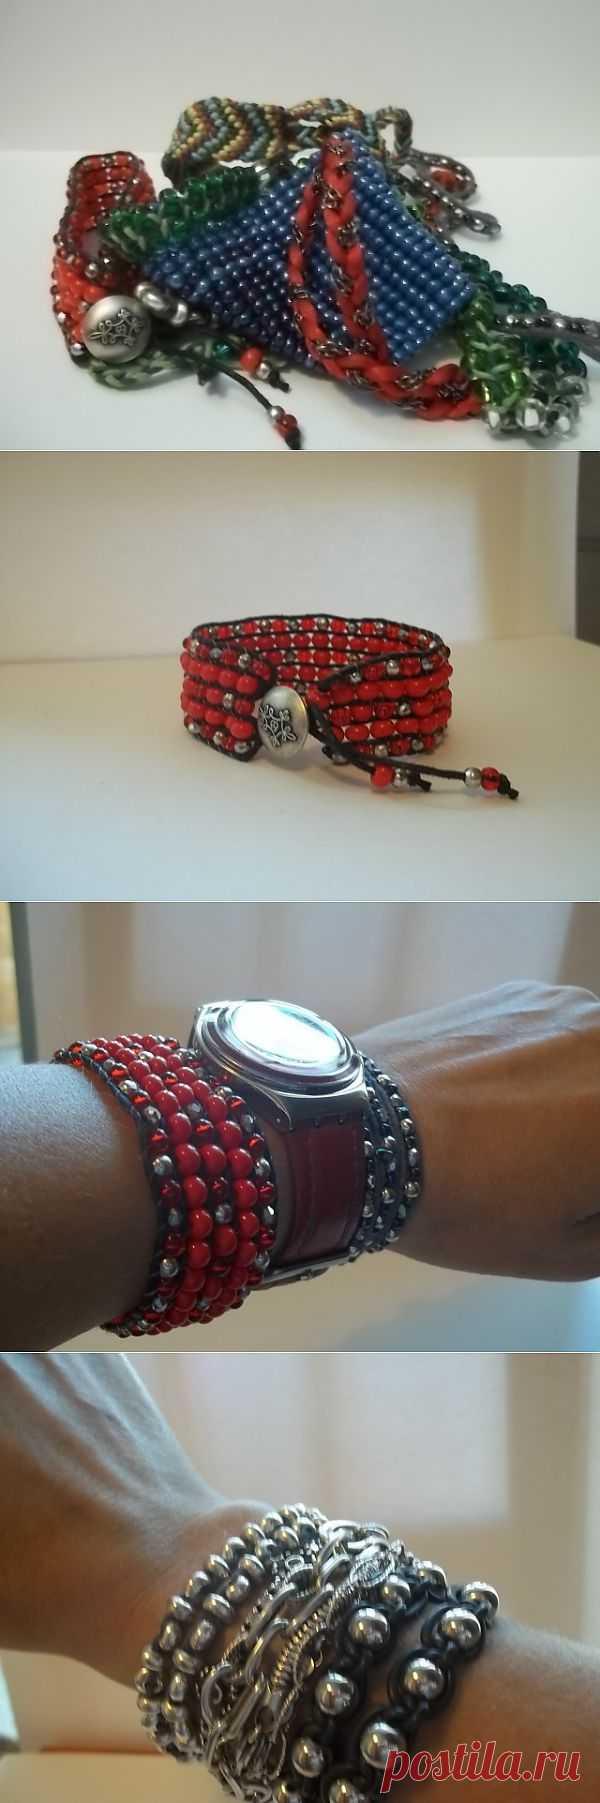 Это мои браслеты / Украшения и бижутерия / Модный сайт о стильной переделке одежды и интерьера